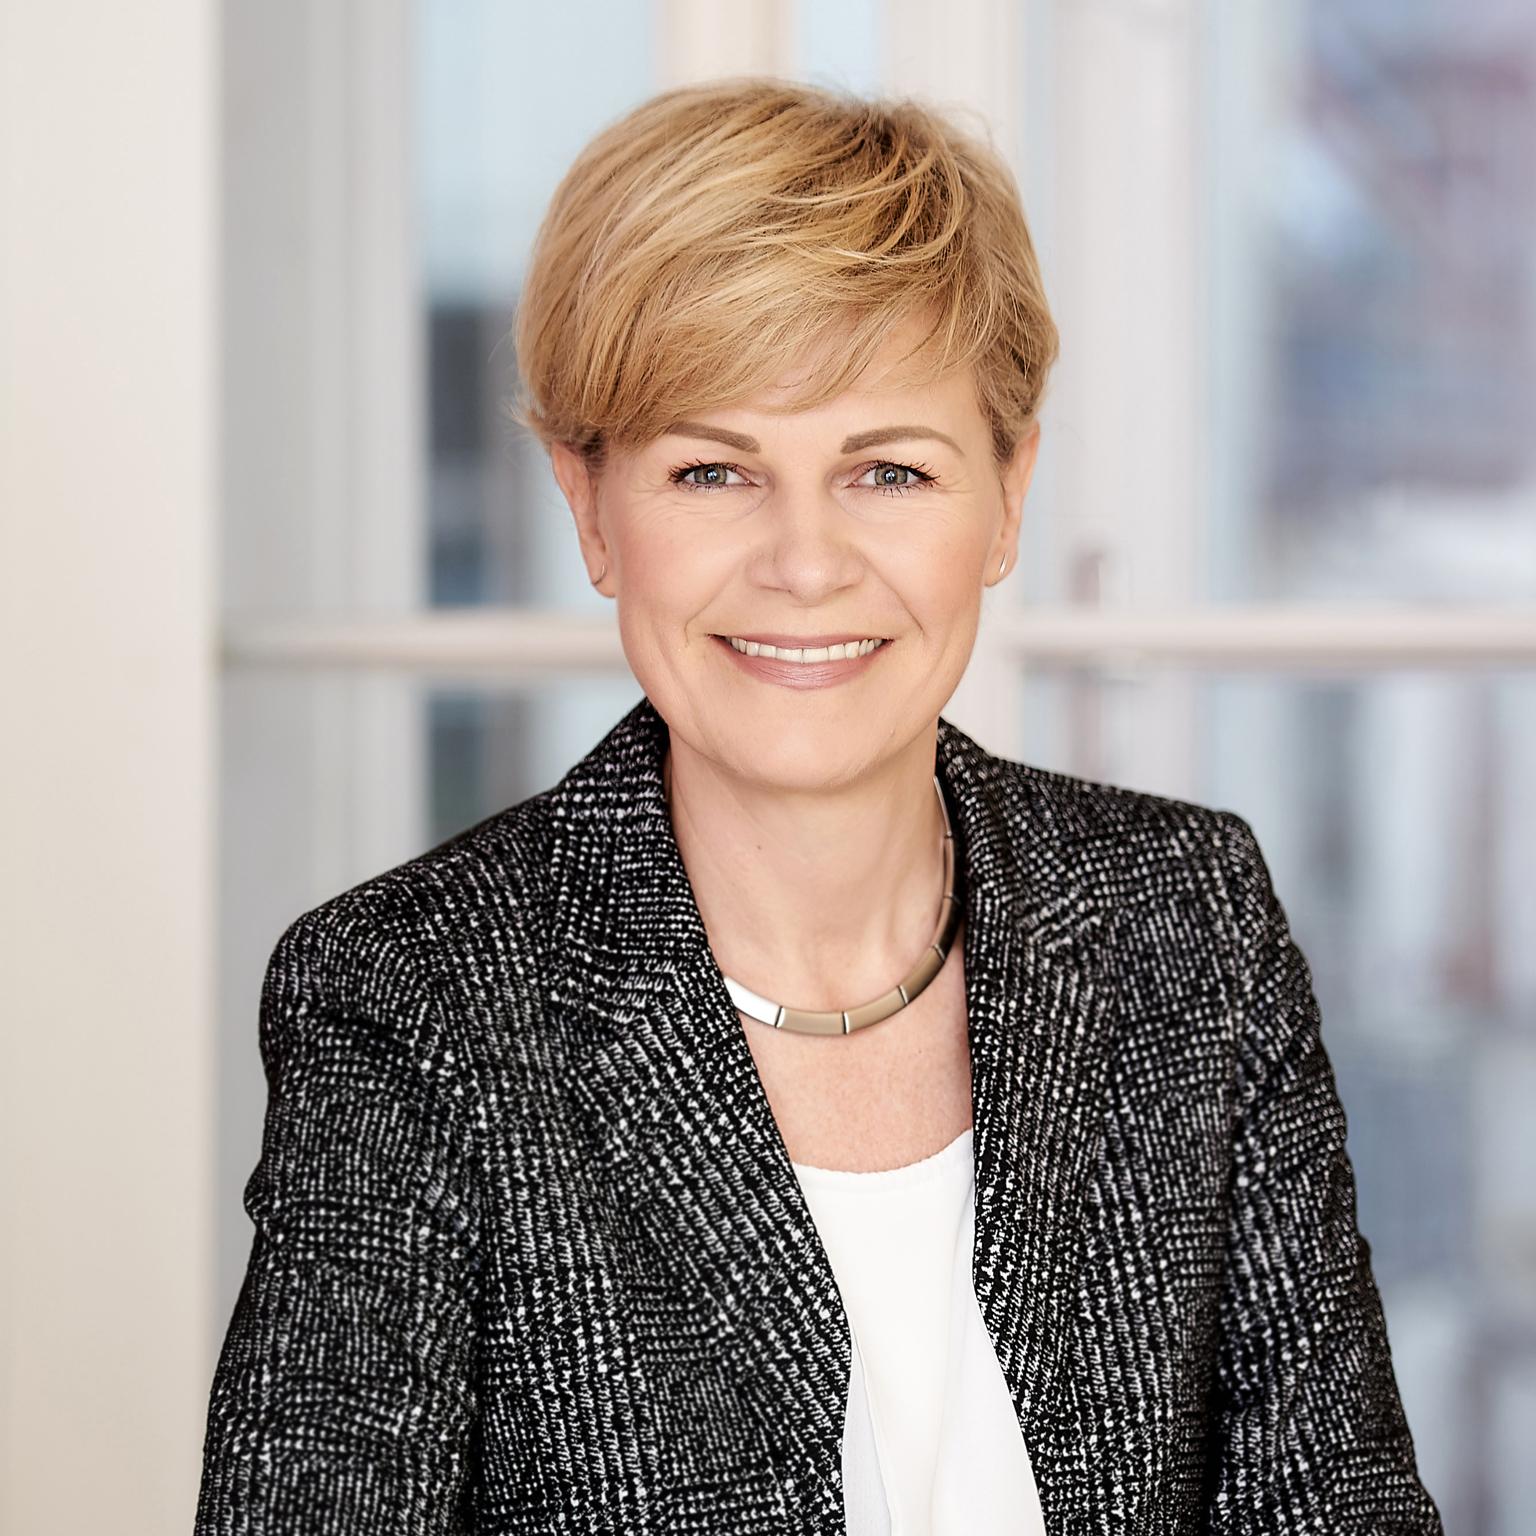 Michaela Pelzelmayer